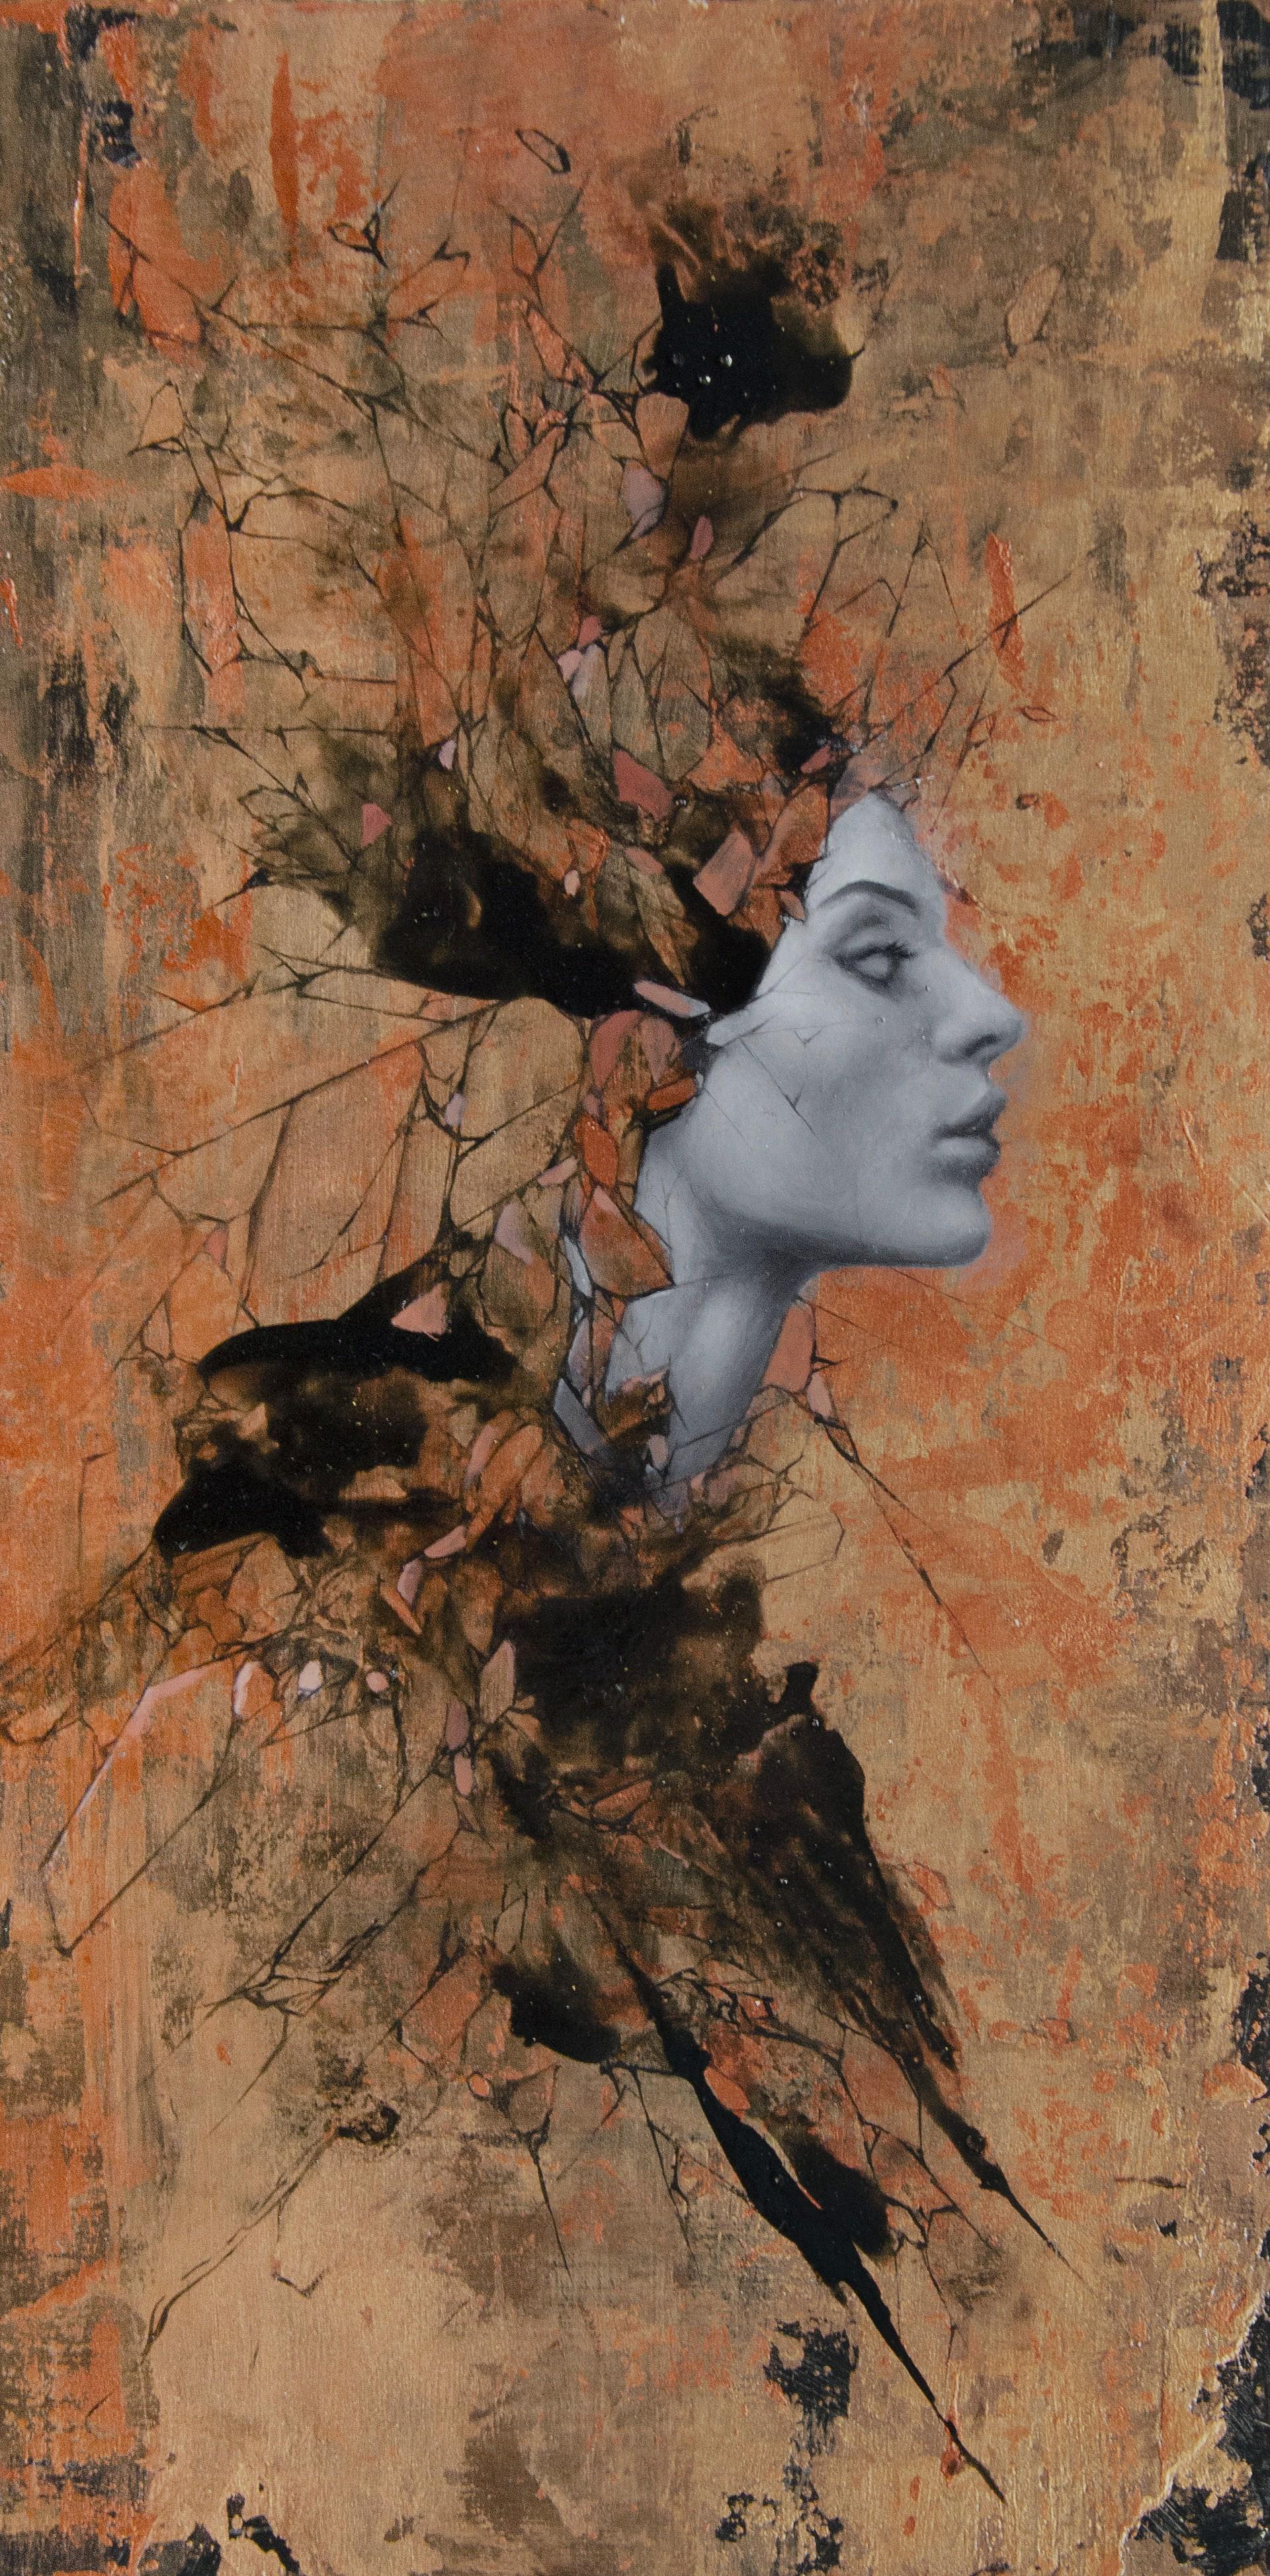 Copper by Aiden Kringen